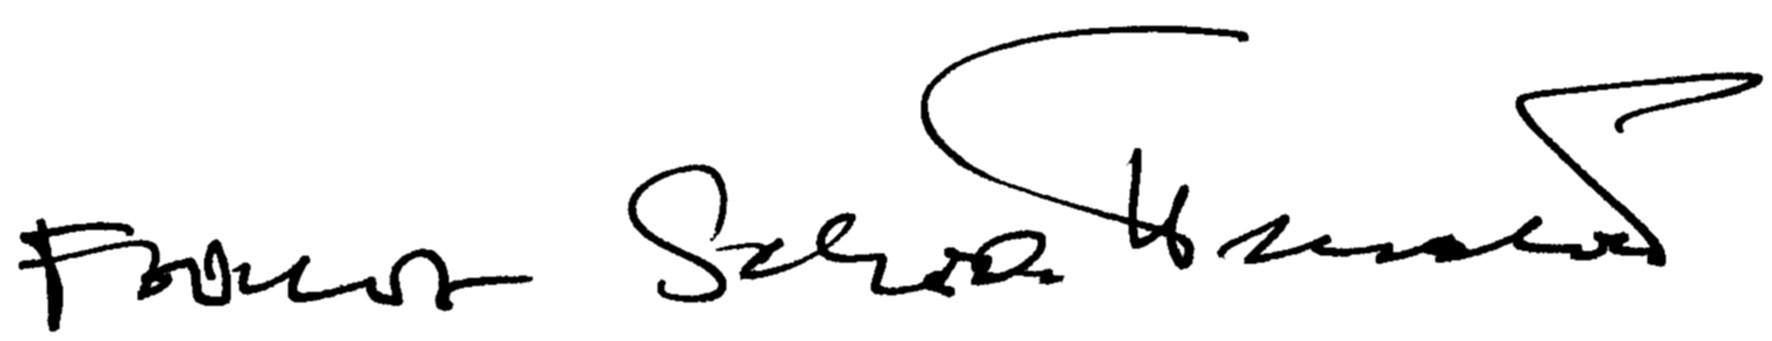 Unterschrift_RZ (1)